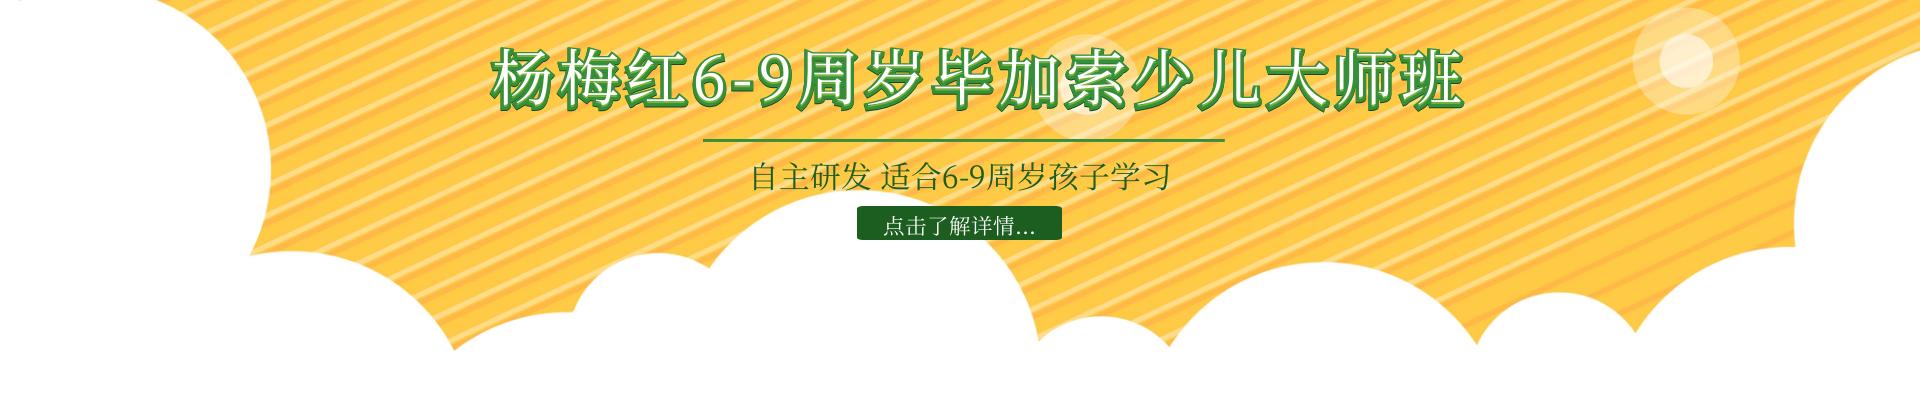 盐城金鹰杨梅红国际私立美校